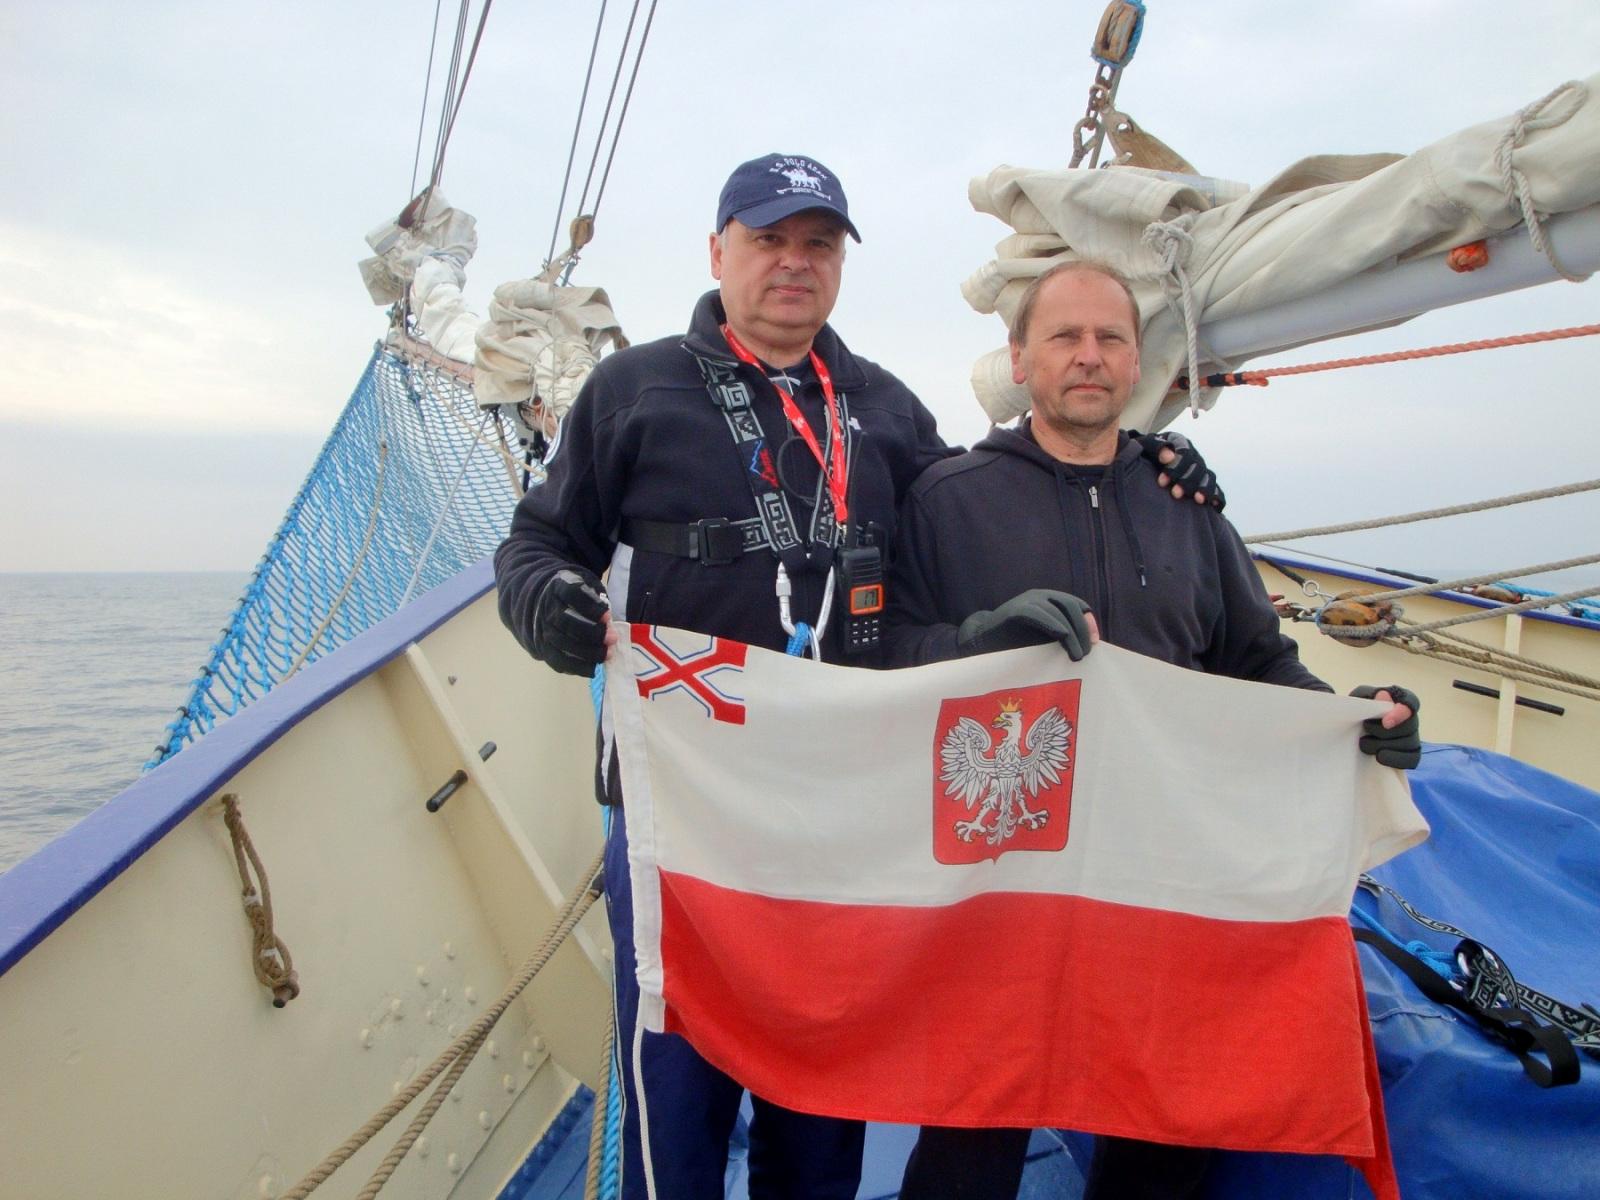 Komandorzy-Konrad-Fedyna-i-Wieslaw-Rzytowiecki-na-STS-Kpt.-Borchardt